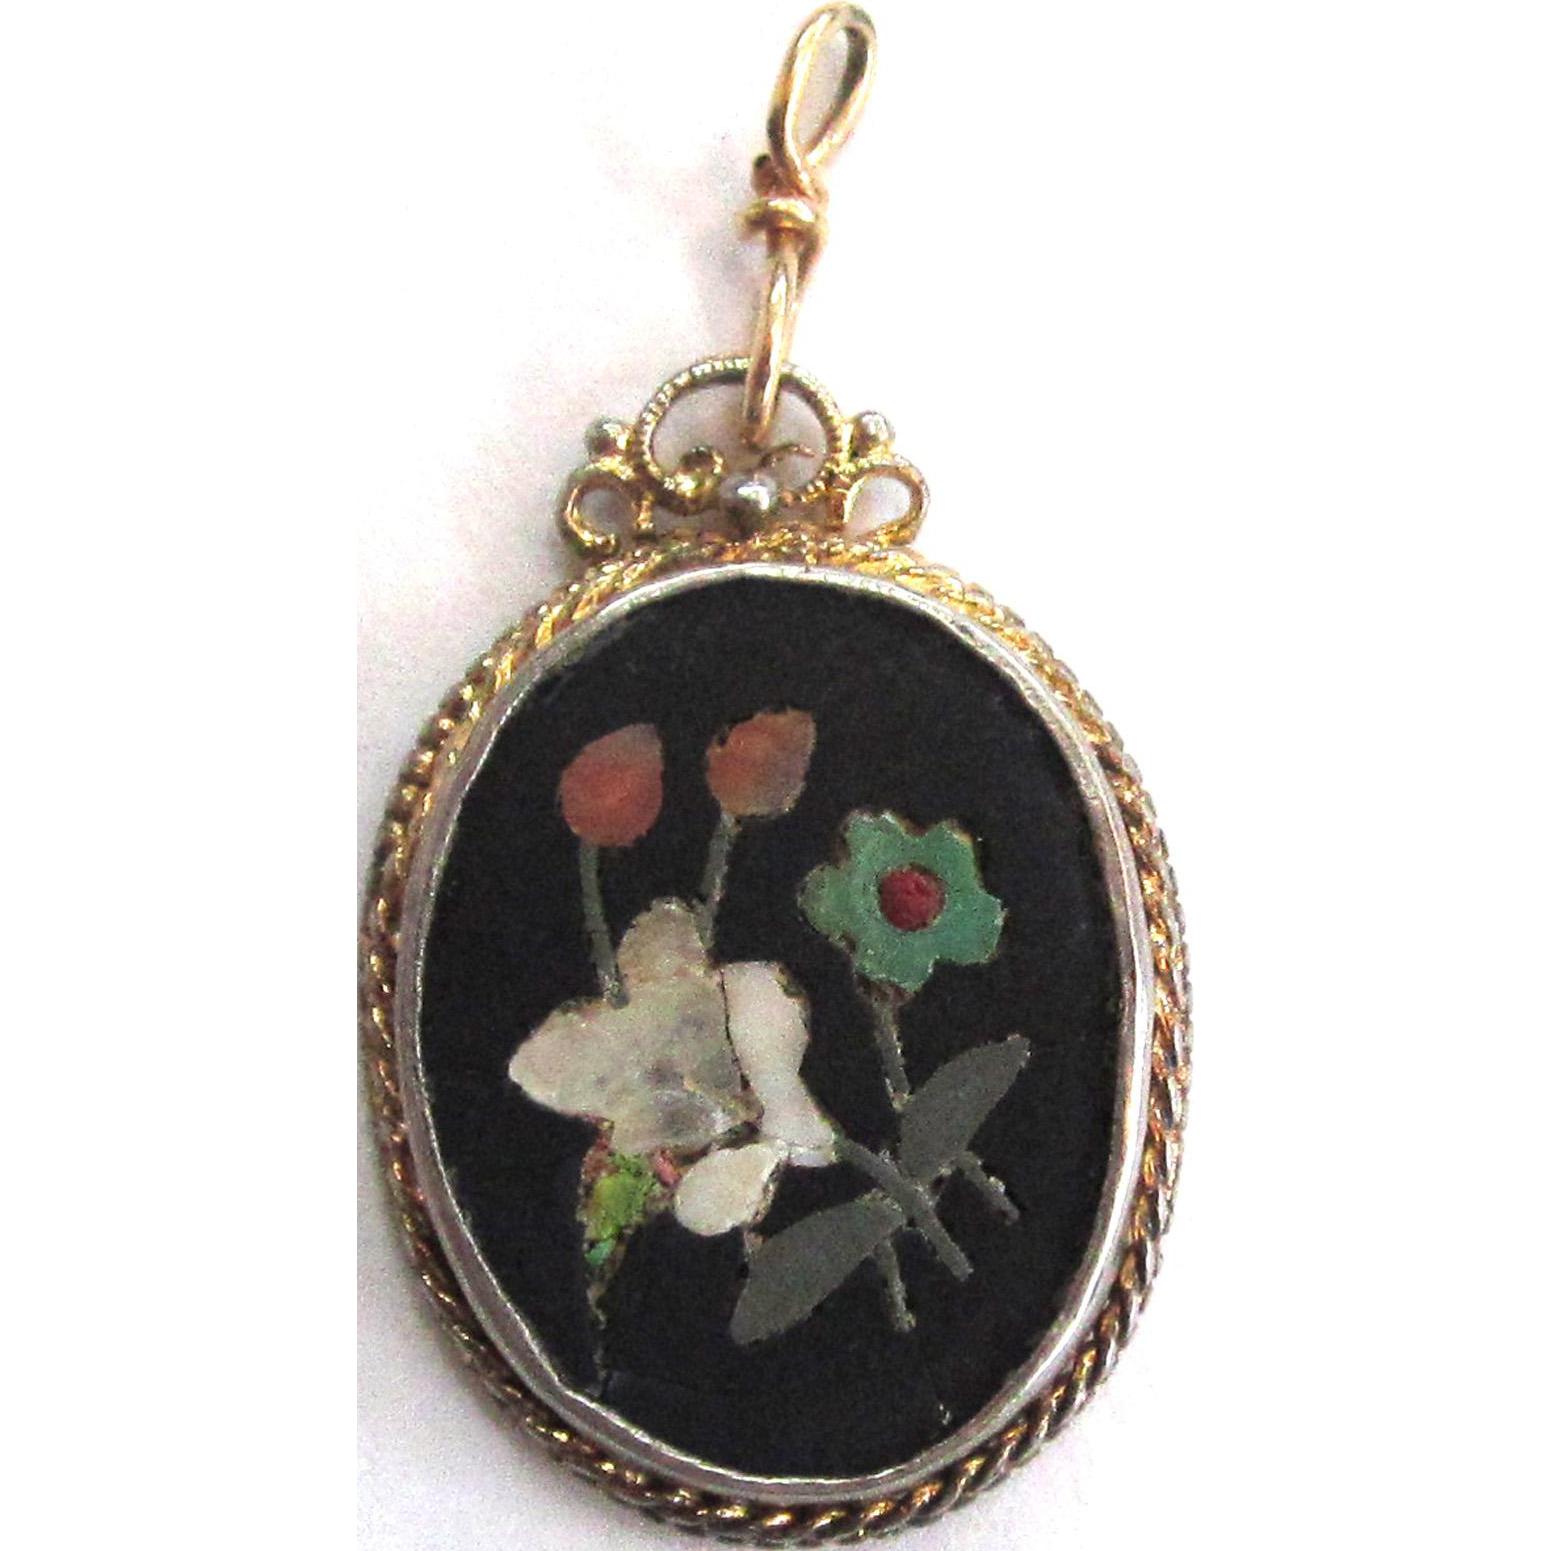 Pietra Dura Gold-tone and Silver-Tone Pendant